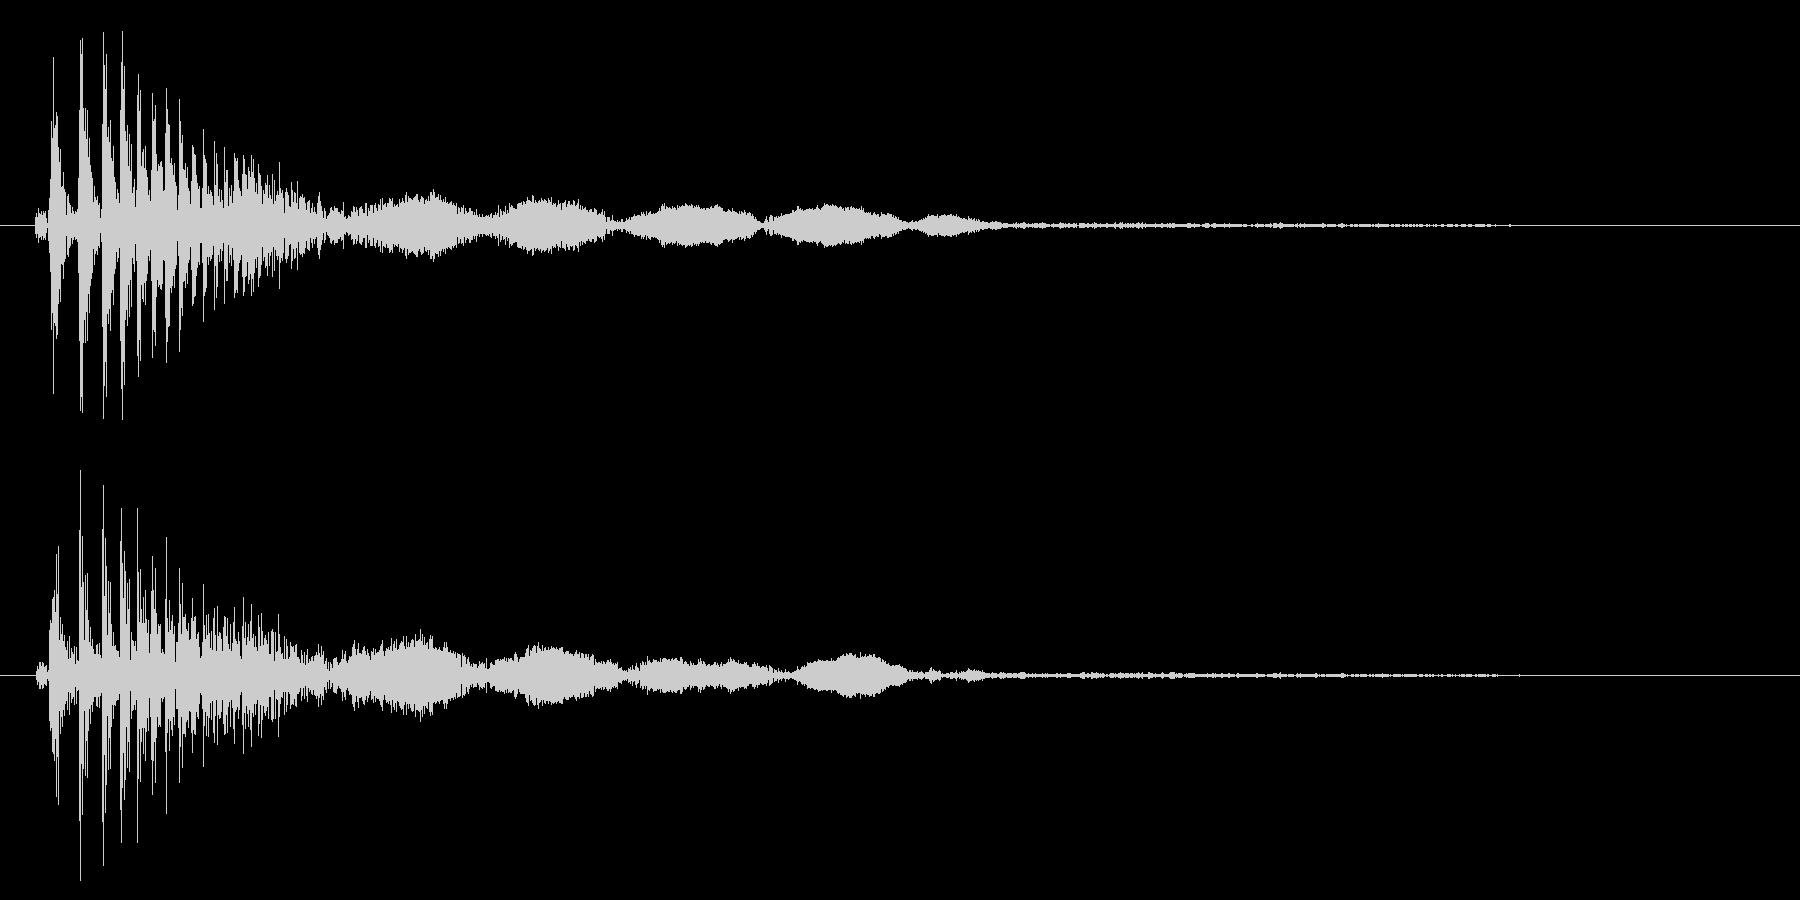 カンッ(タンバリンのような短い音)の未再生の波形